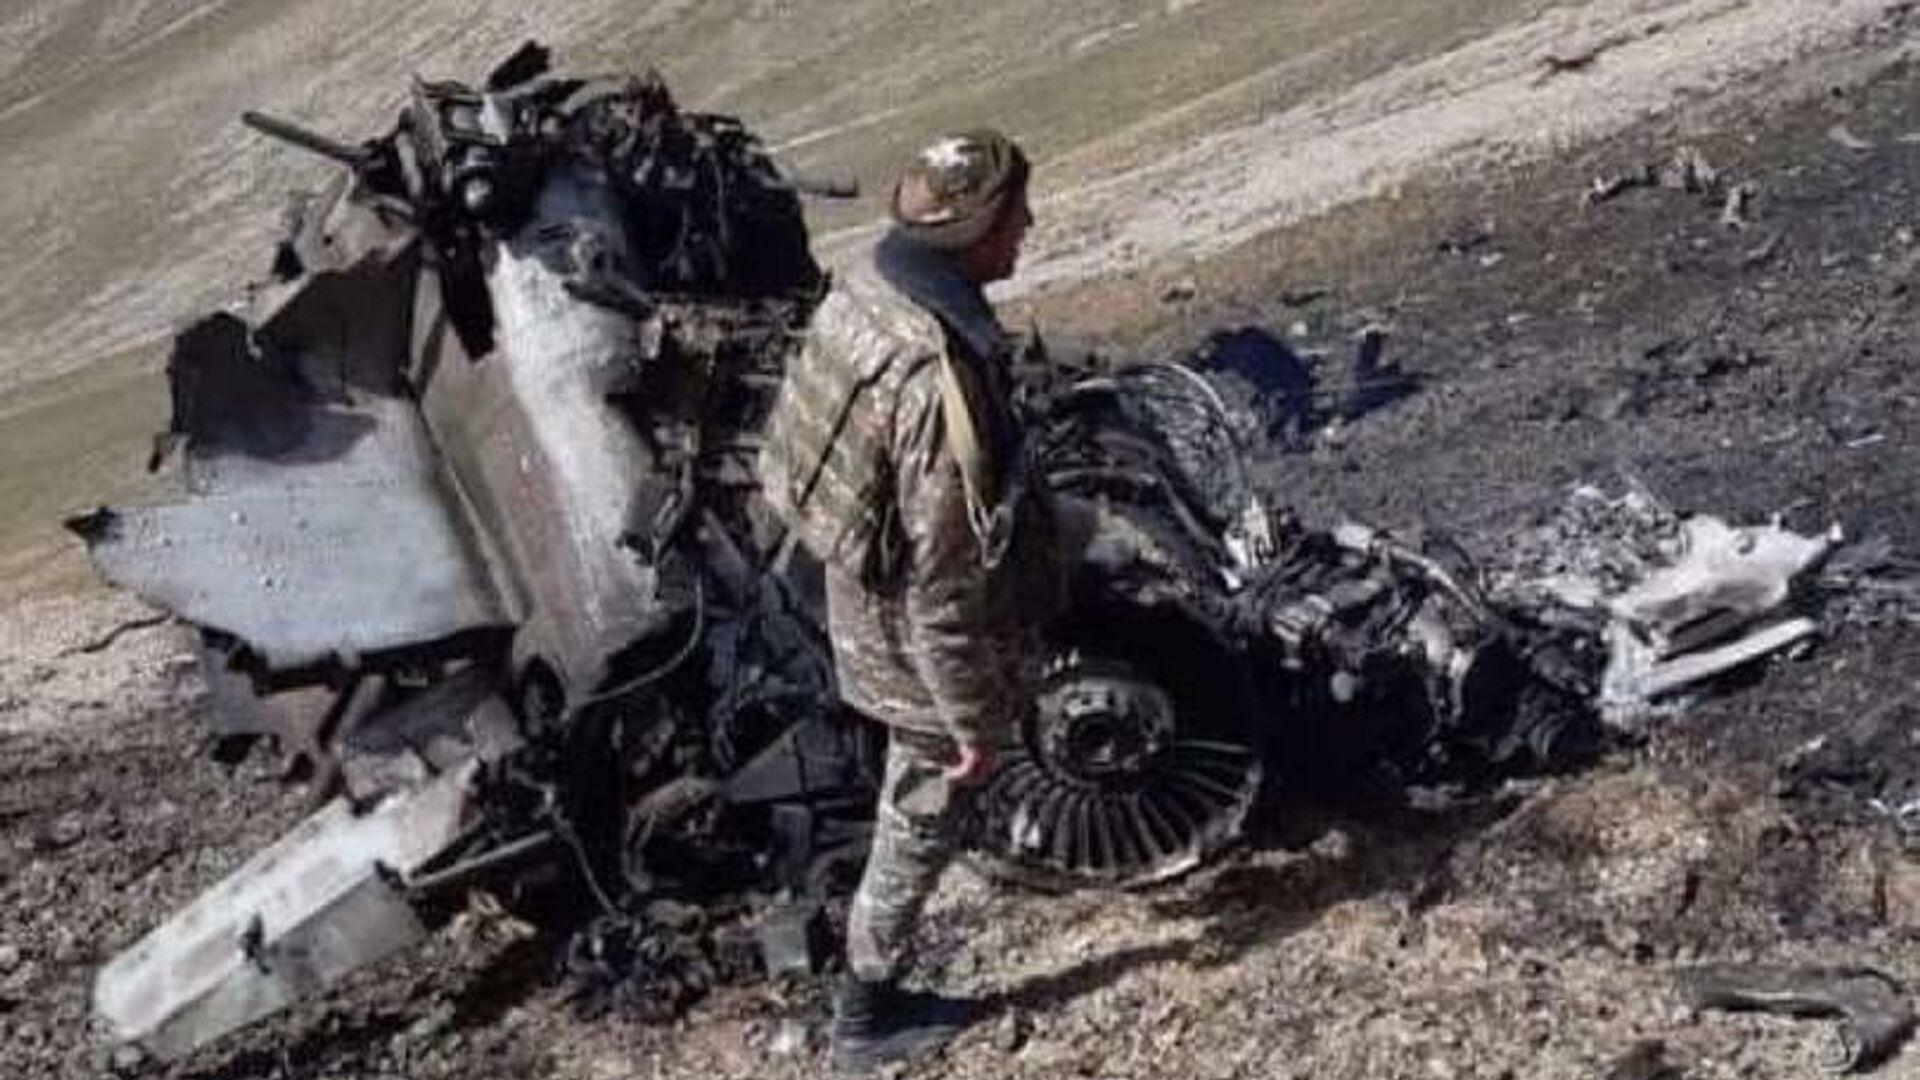 Фото сбитого истребителя Су-25 Армении - РИА Новости, 1920, 30.09.2020